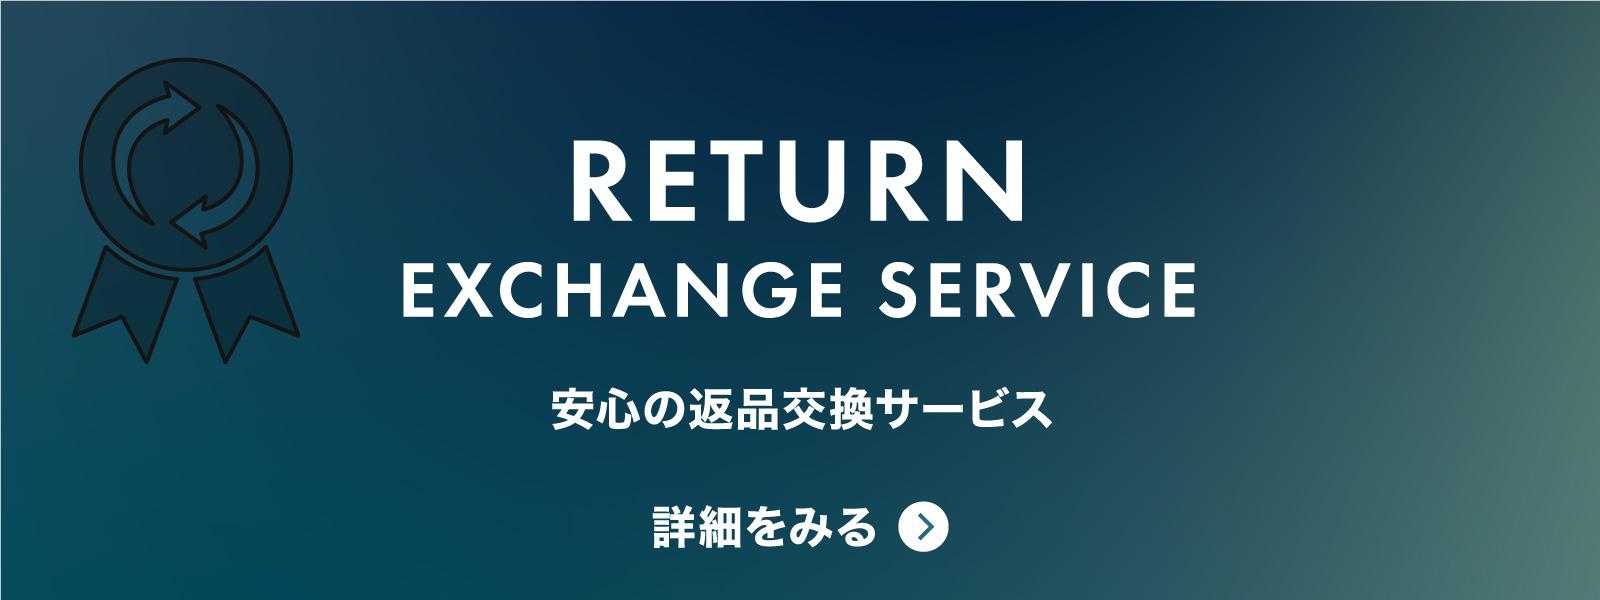 返品交換サービス